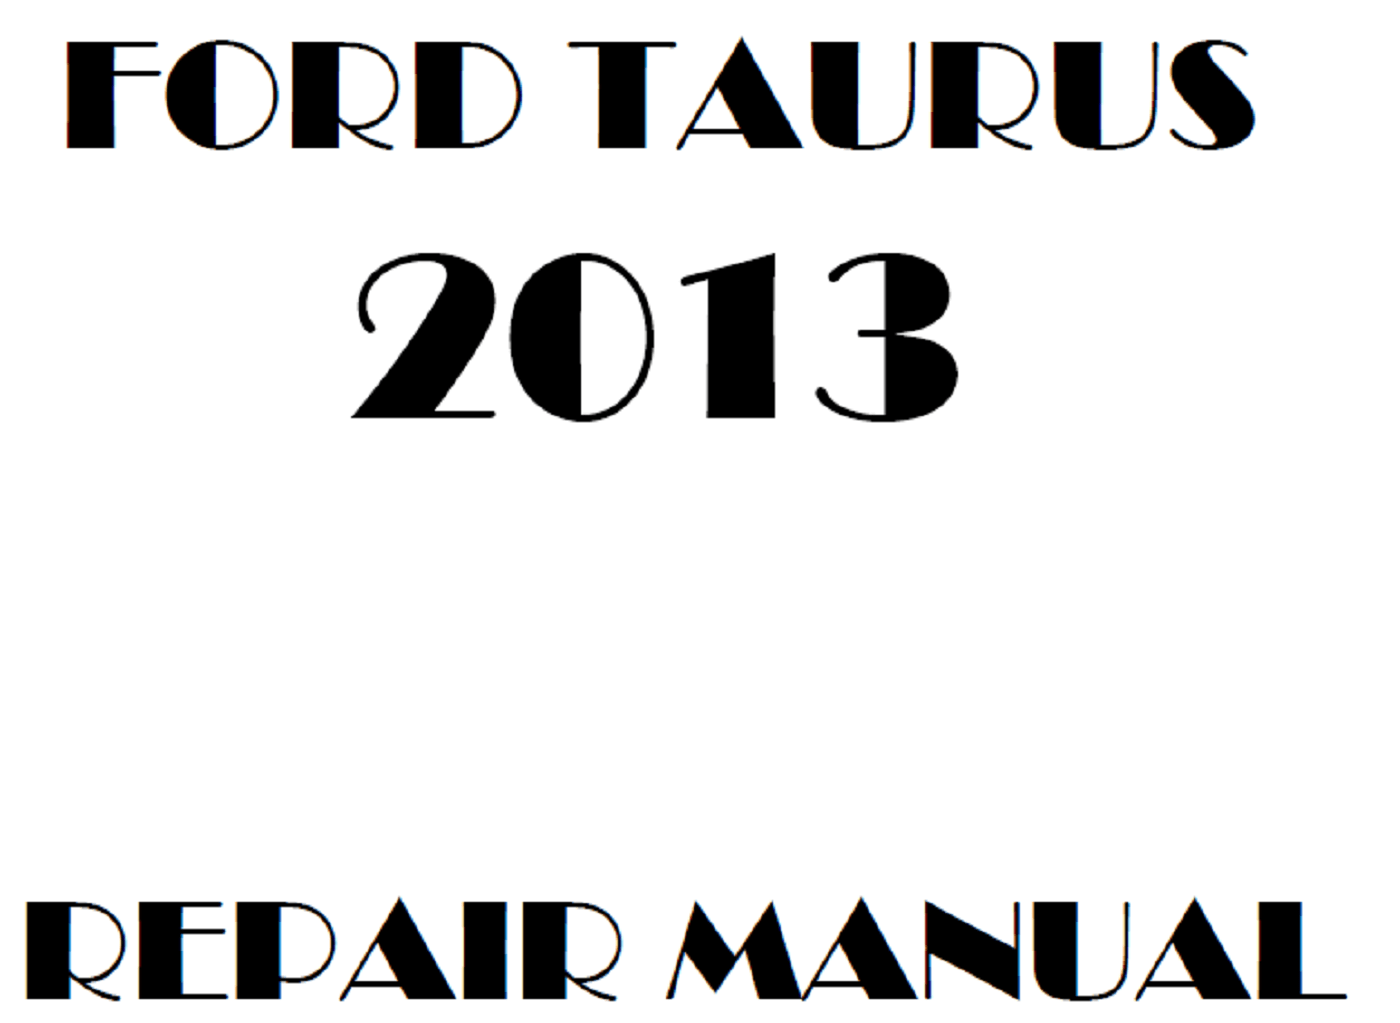 2013 Ford Taurus repair manual